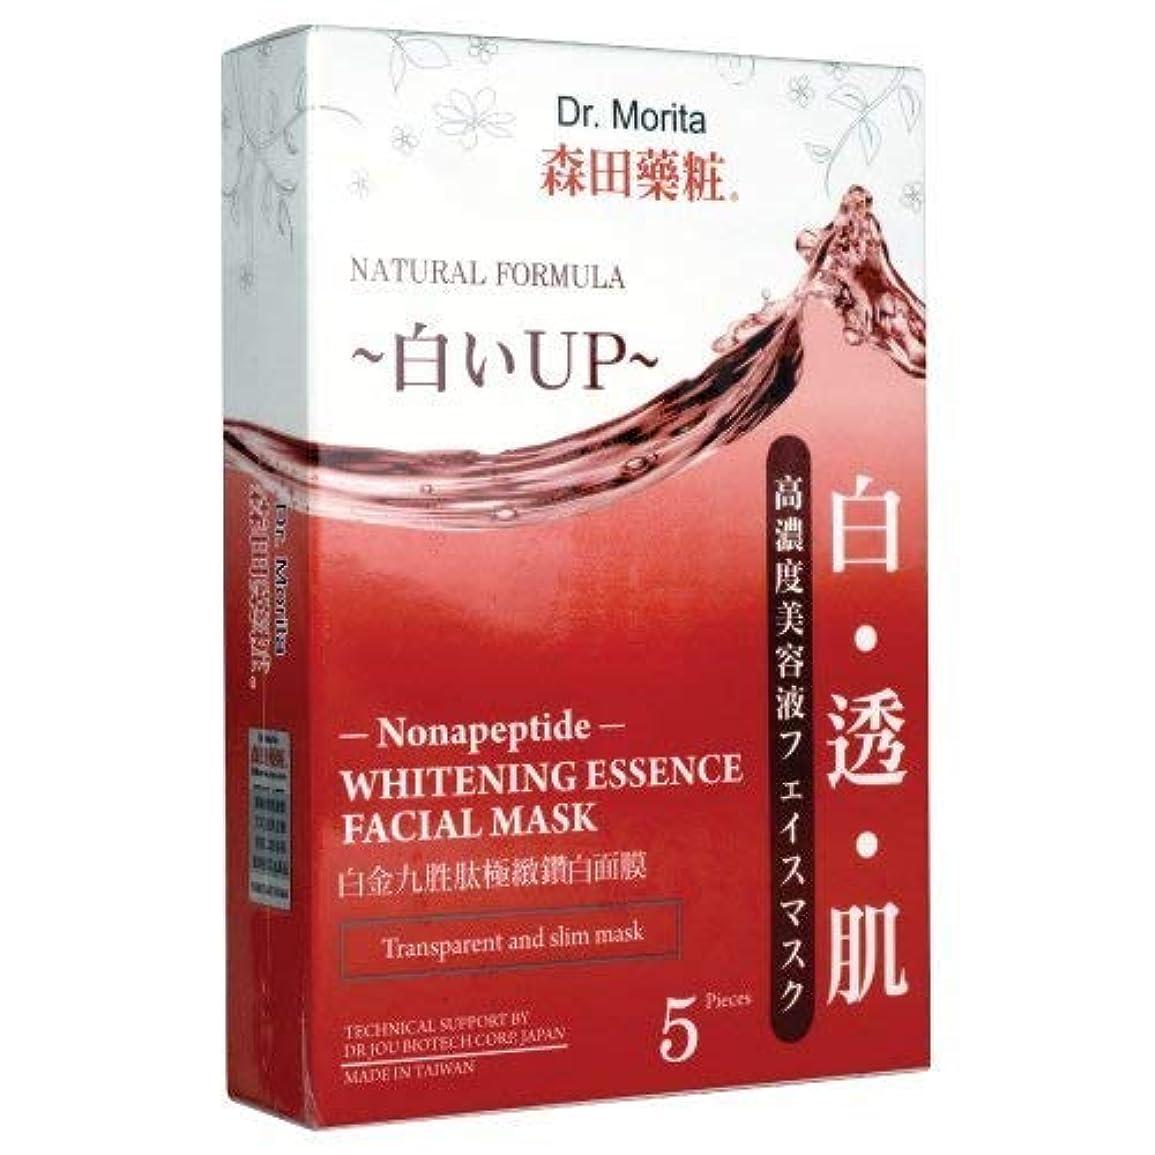 お酒クレタ天窓Doctor Morita 皮膚はしなやかでしっとりするようにナノペプチドは、マスク5皮膚とのバランス肌の水分レベルをホワイトニング。